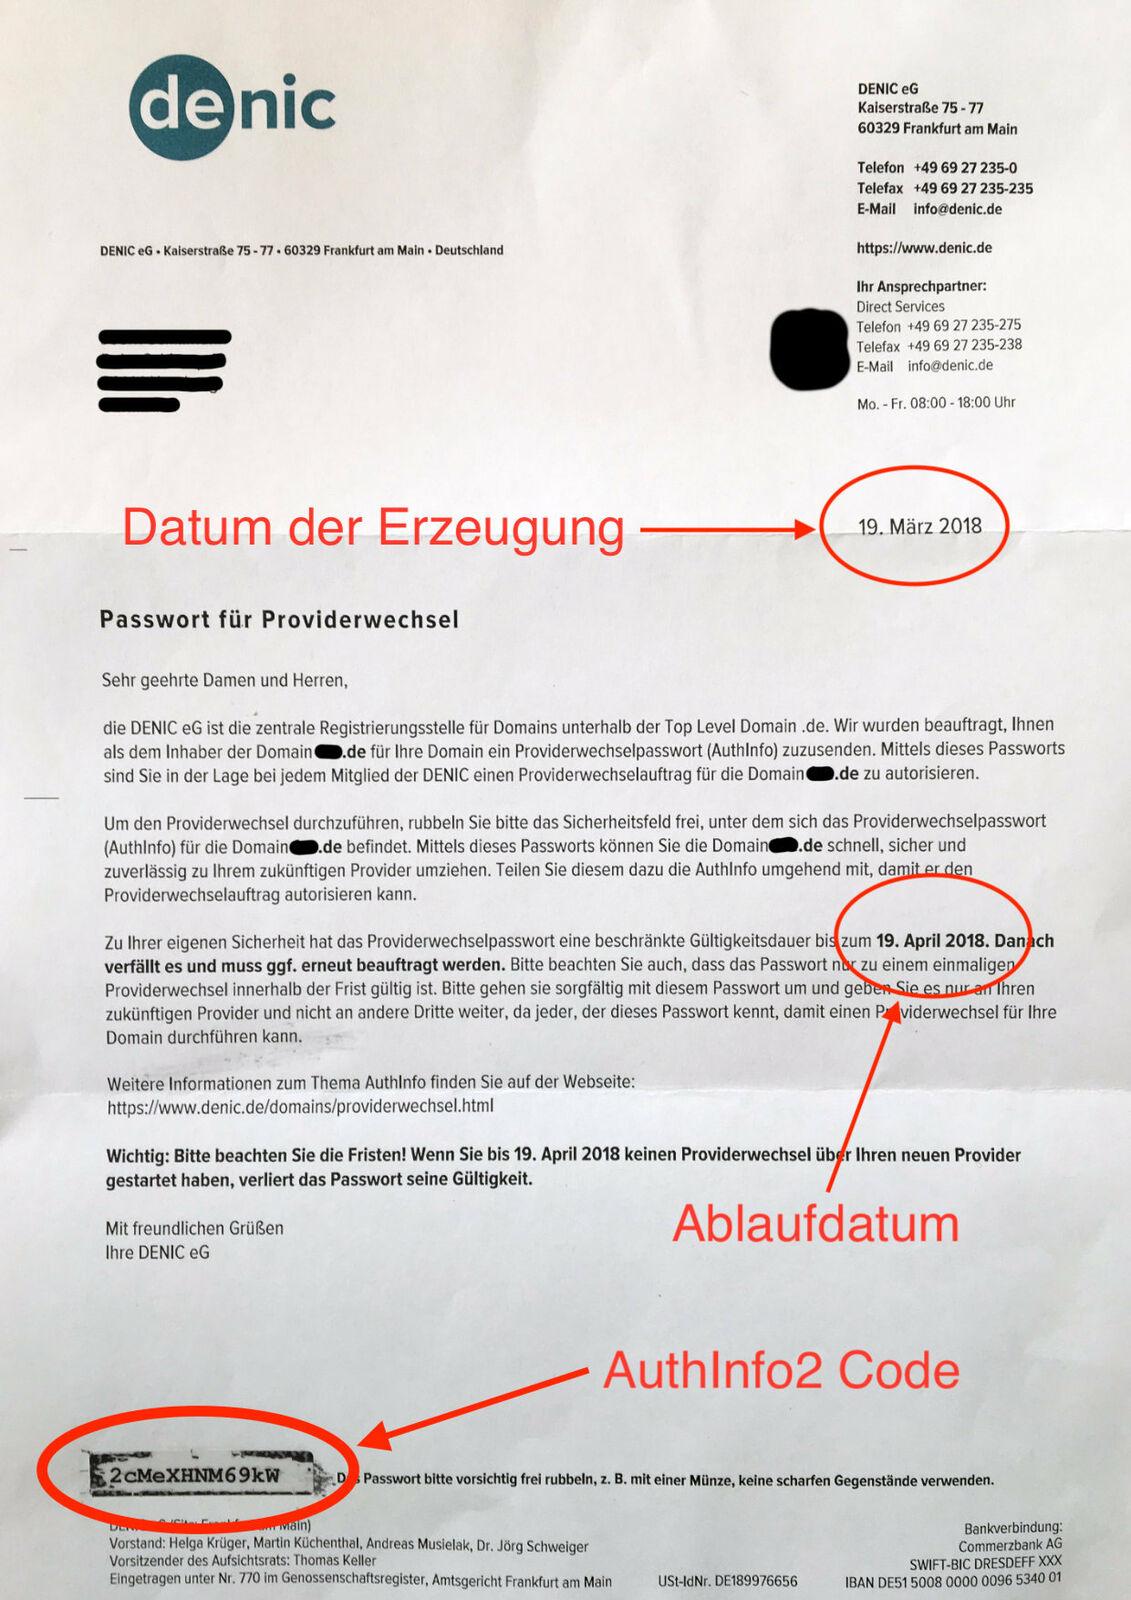 Authinfo2 Brief der DENIC